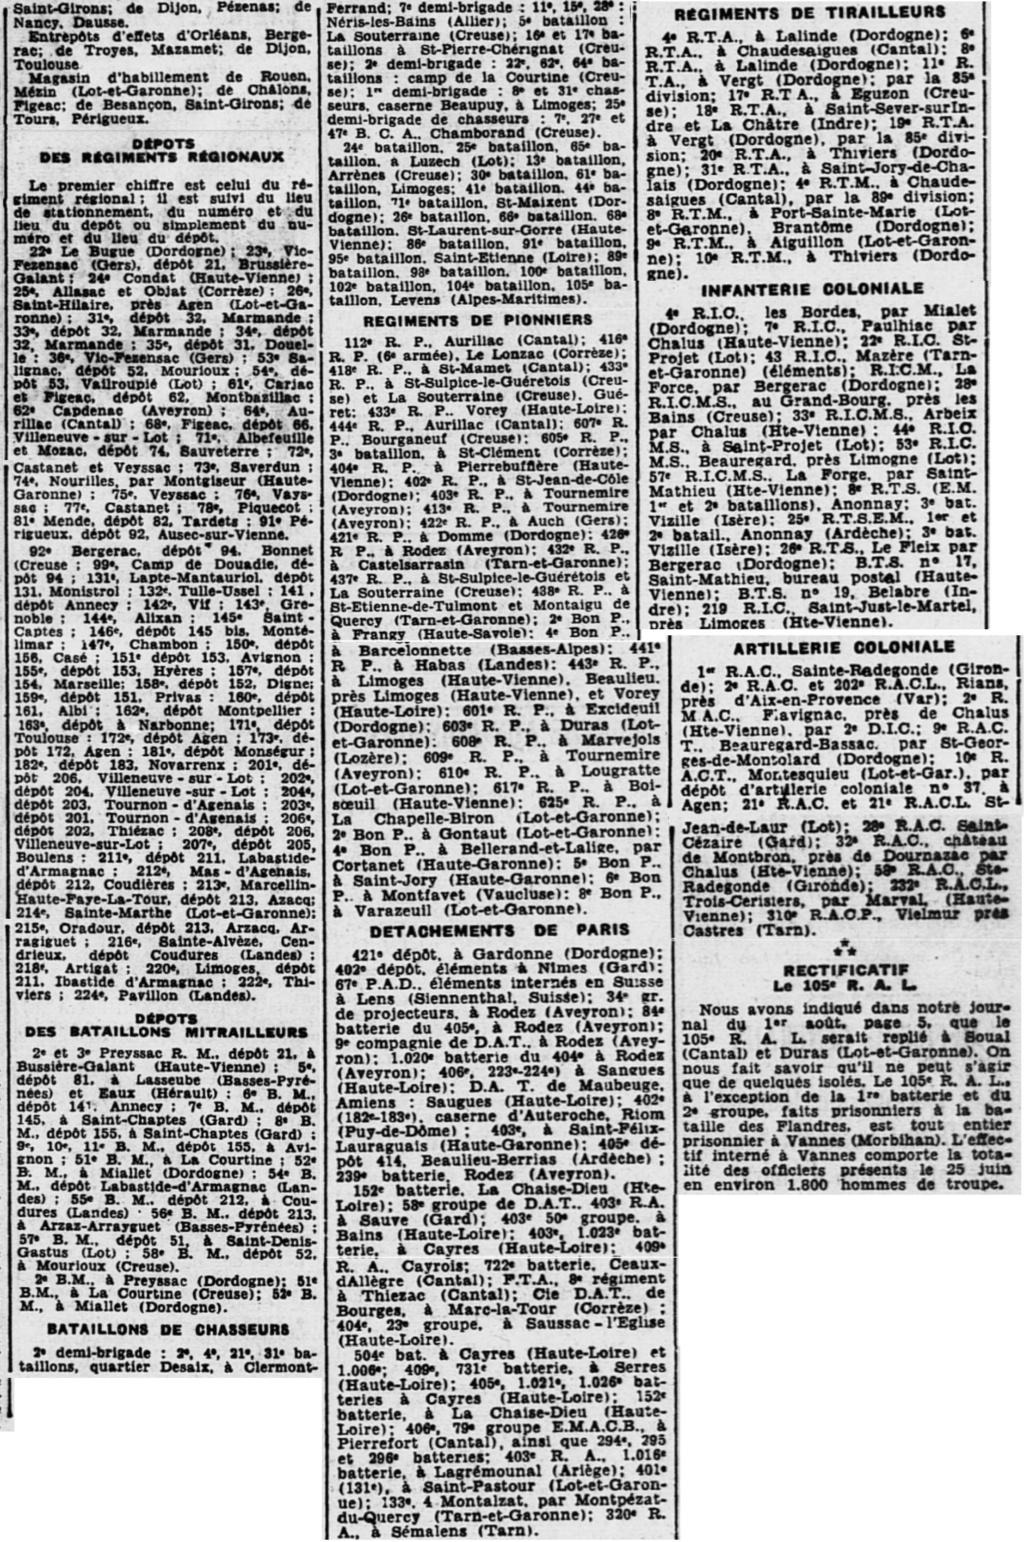 Liste des centres de repli des unités françaises 19400822